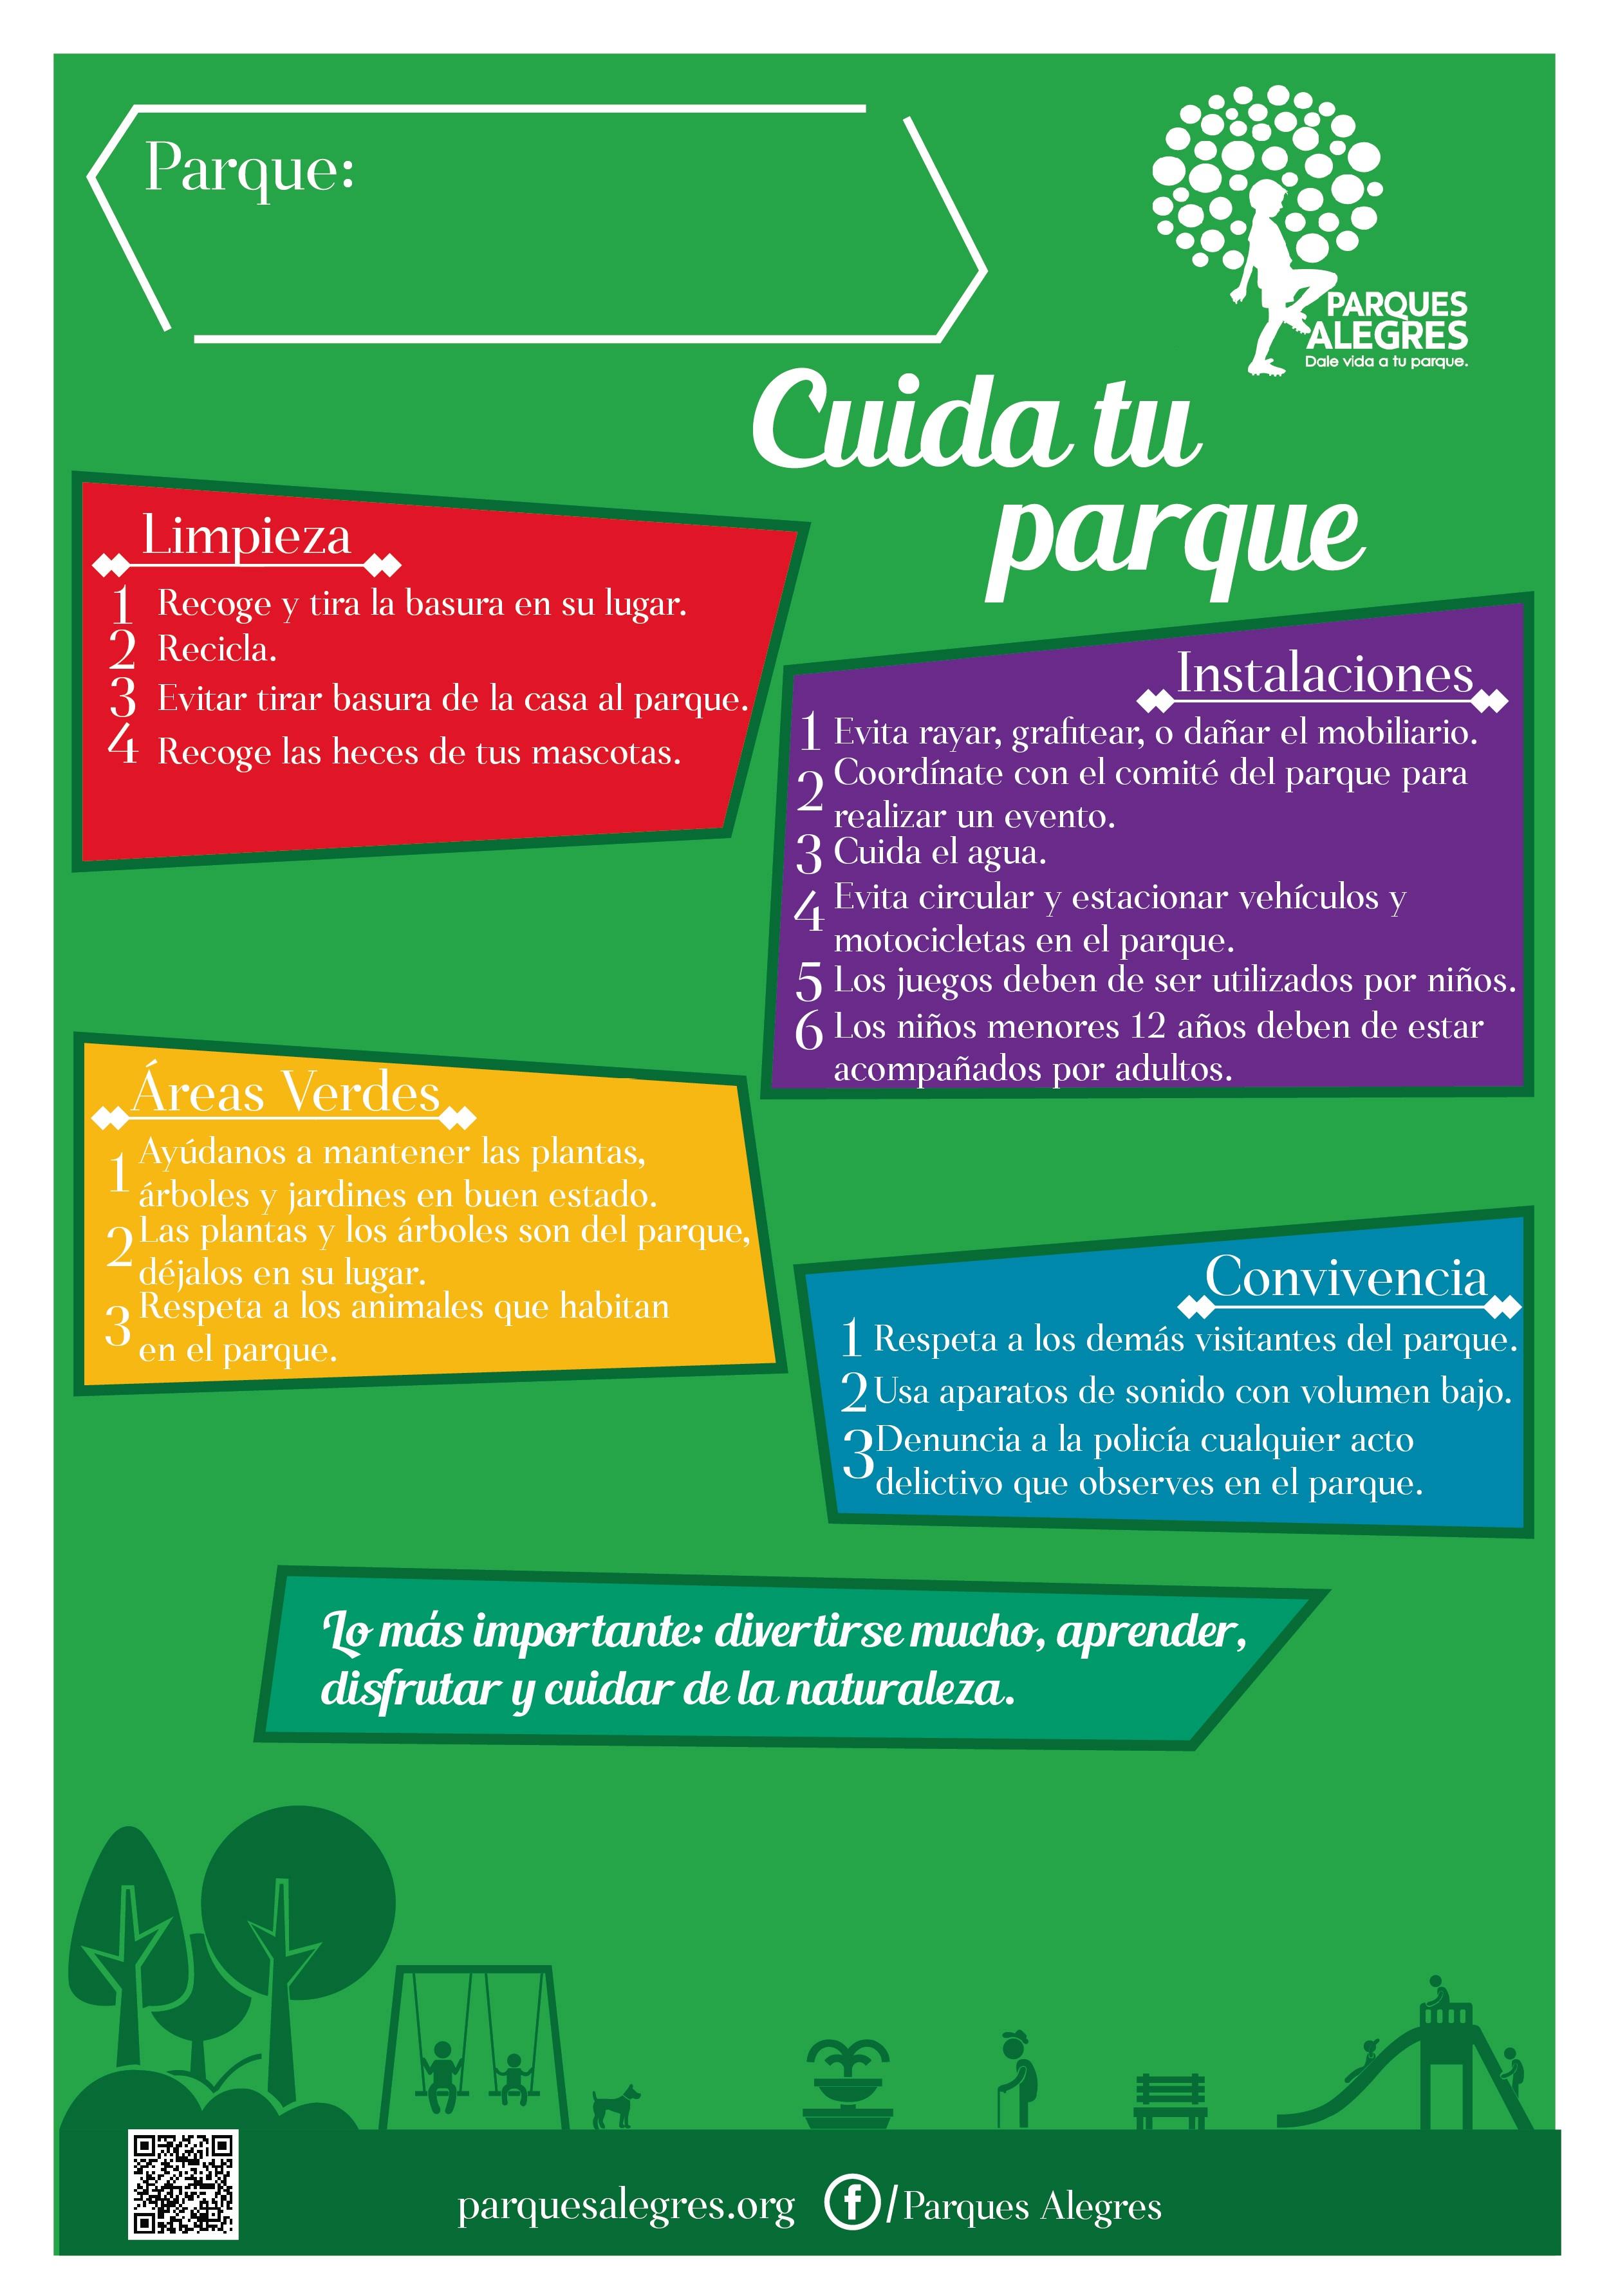 Reglamento de parque y espacios pblicos  Parques Alegres